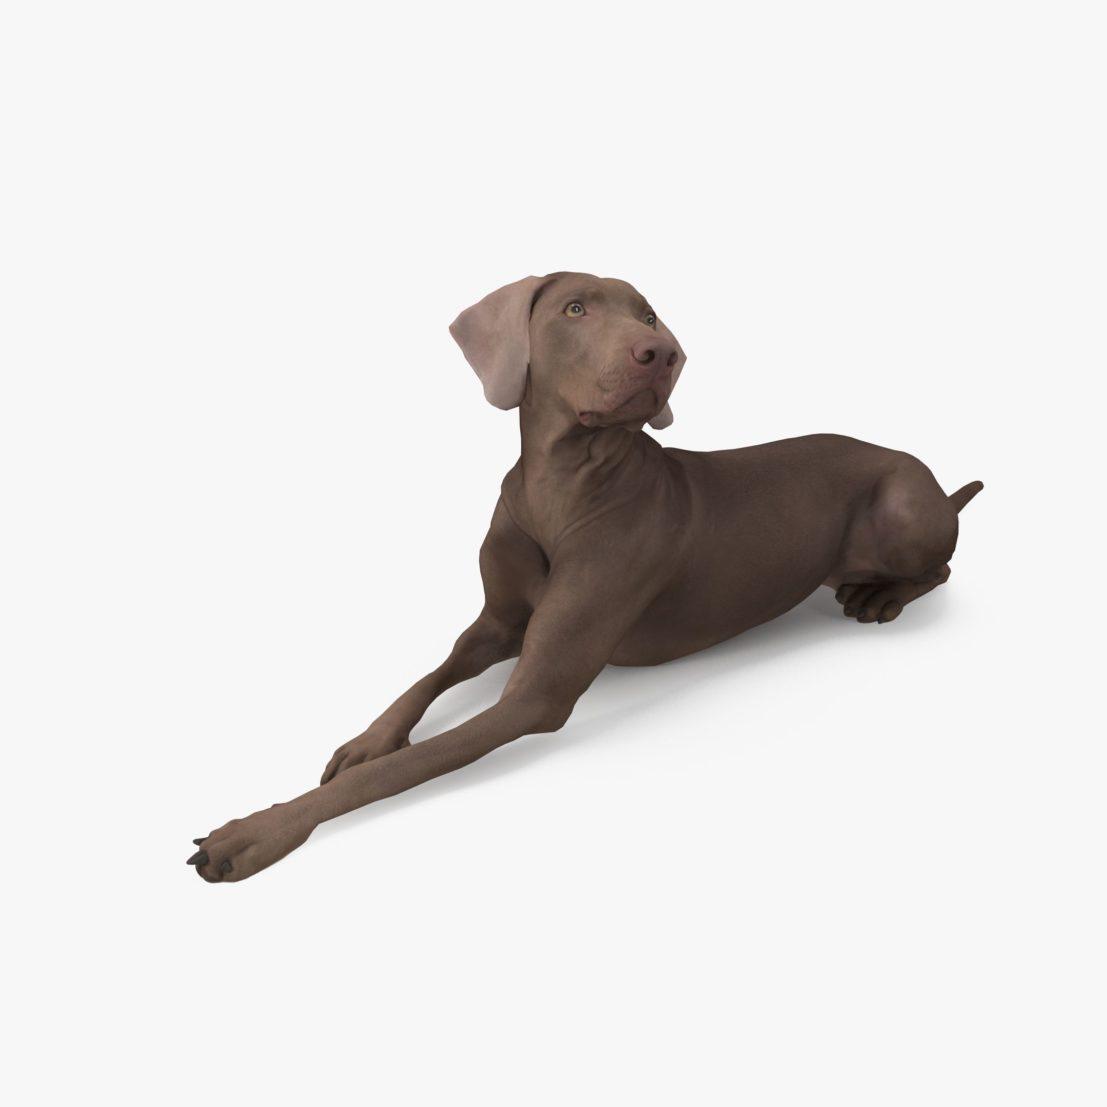 Weimaraner Lying Dog 3D Model | 3DTree Scanning Studio